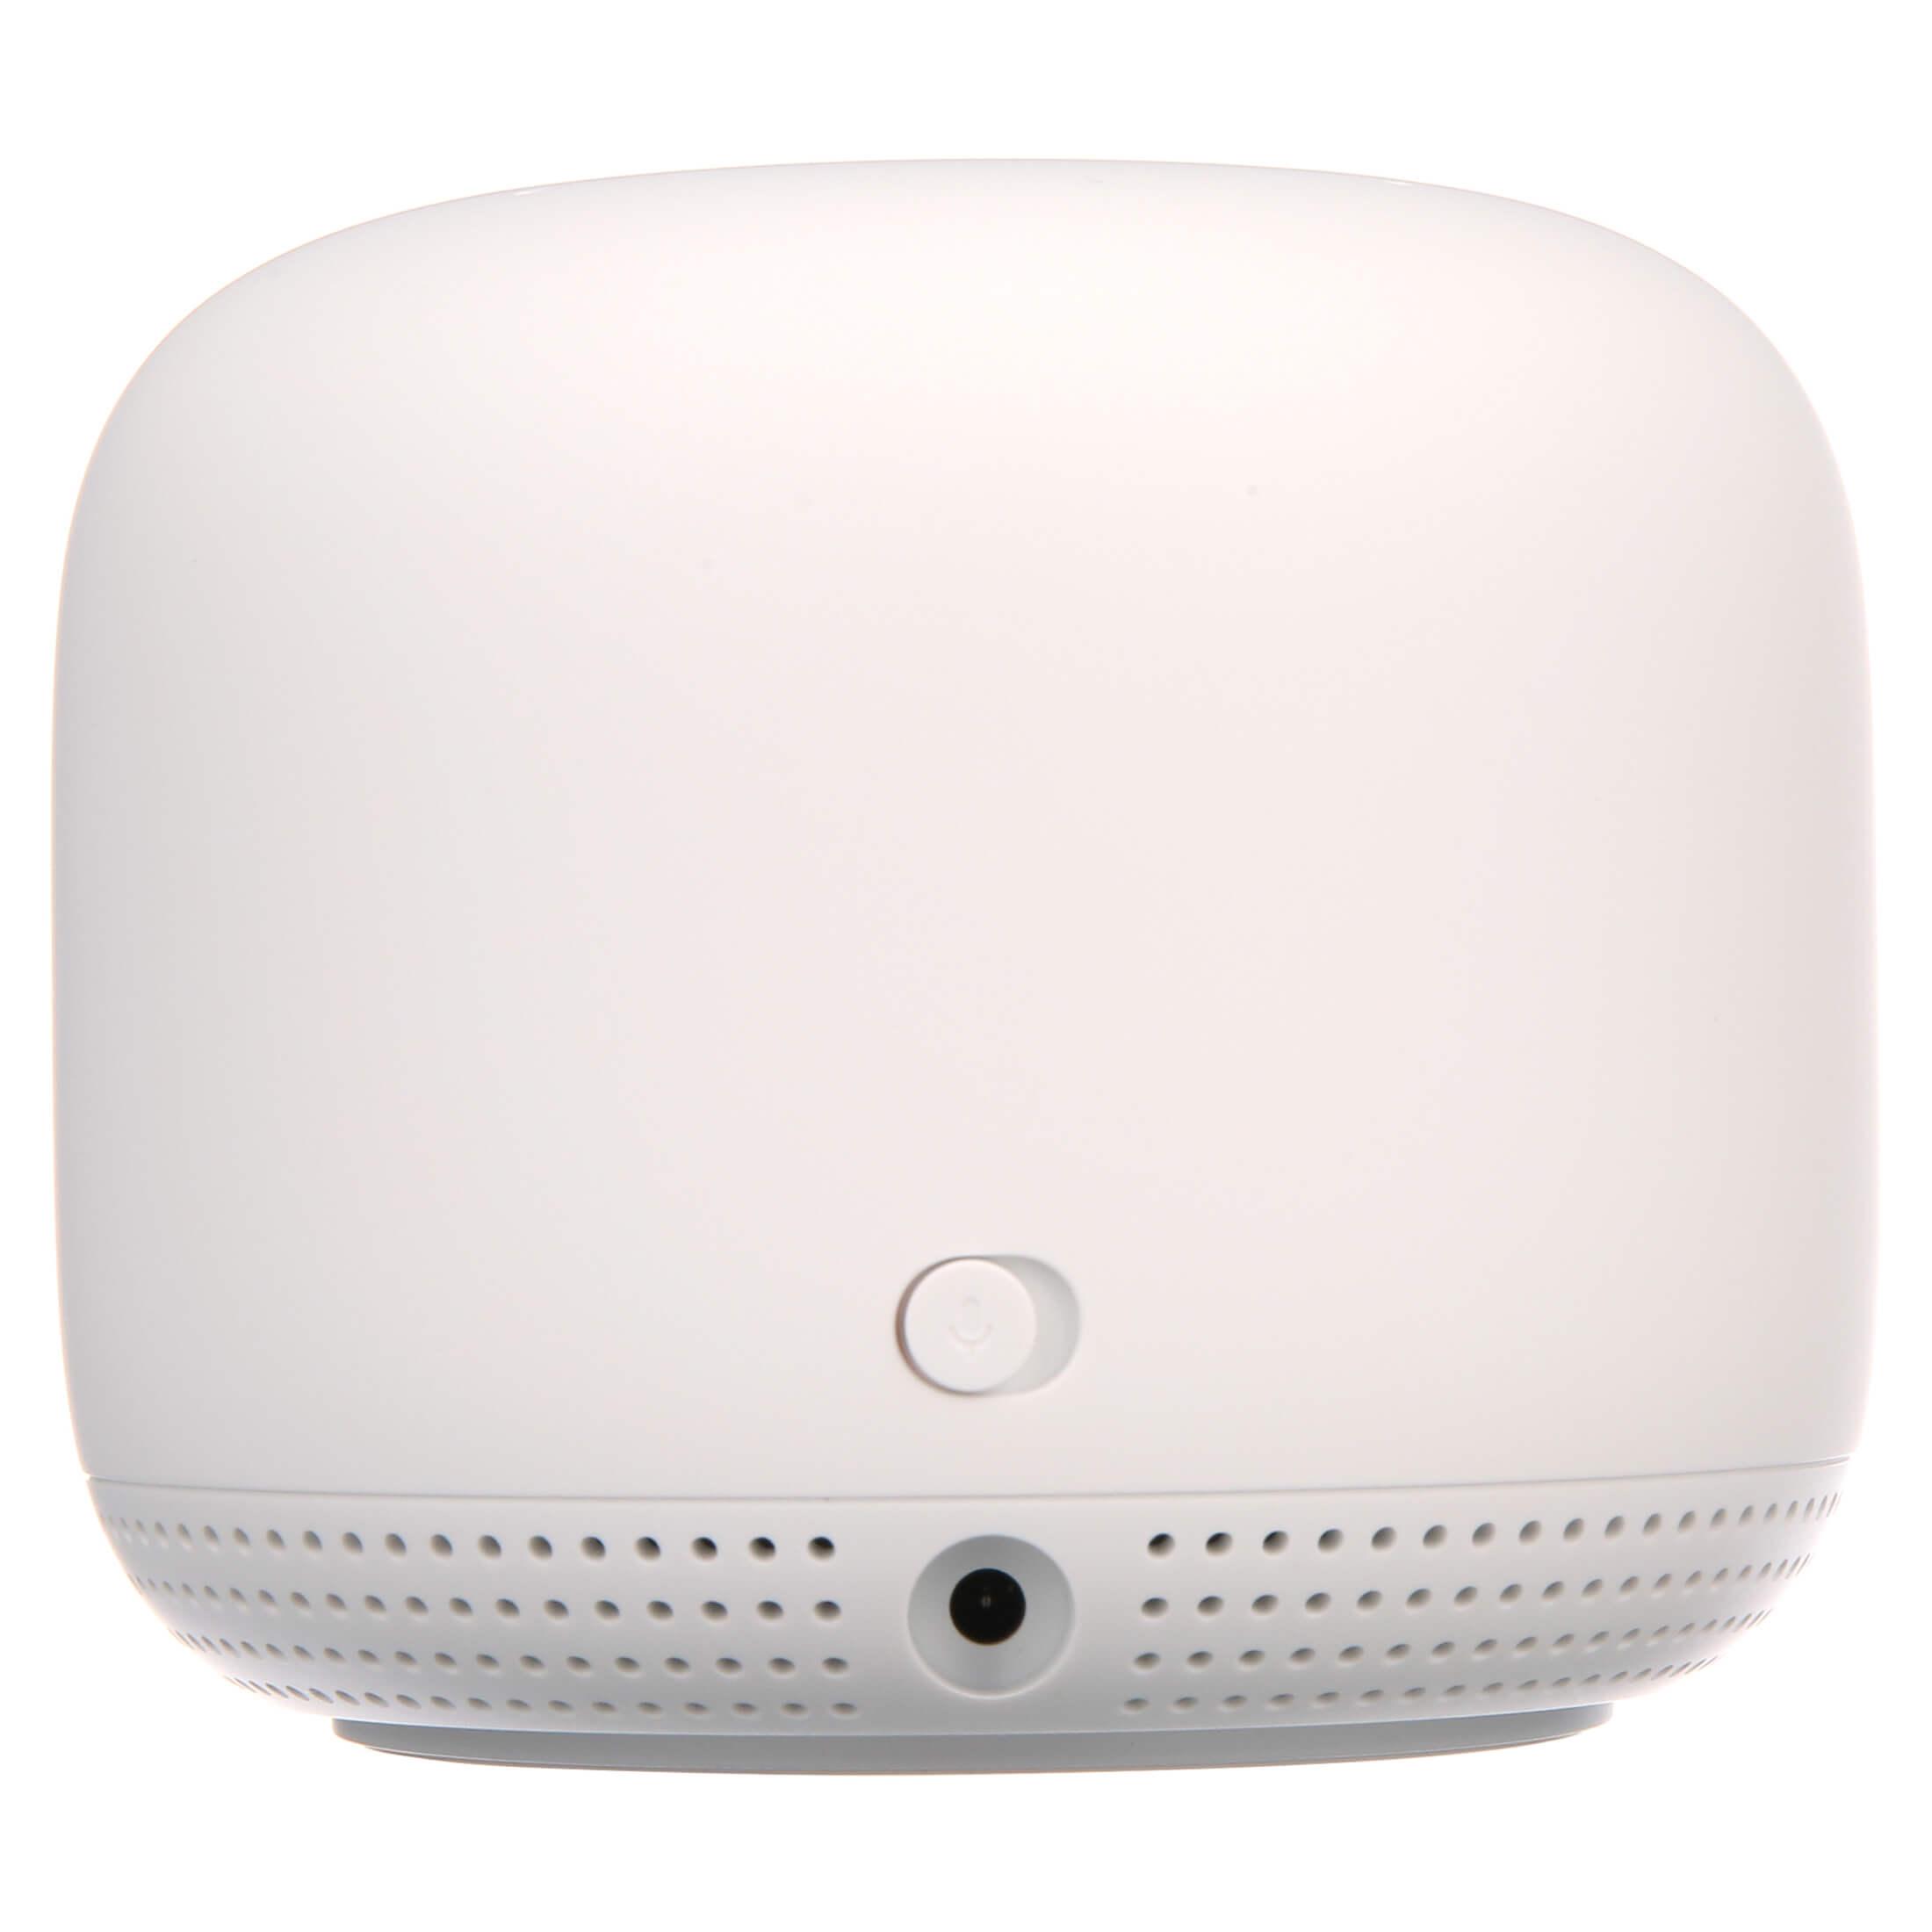 Google Nest Wifi Point được trang bị cổng nguồn kèm với nút bật tắt nguồn